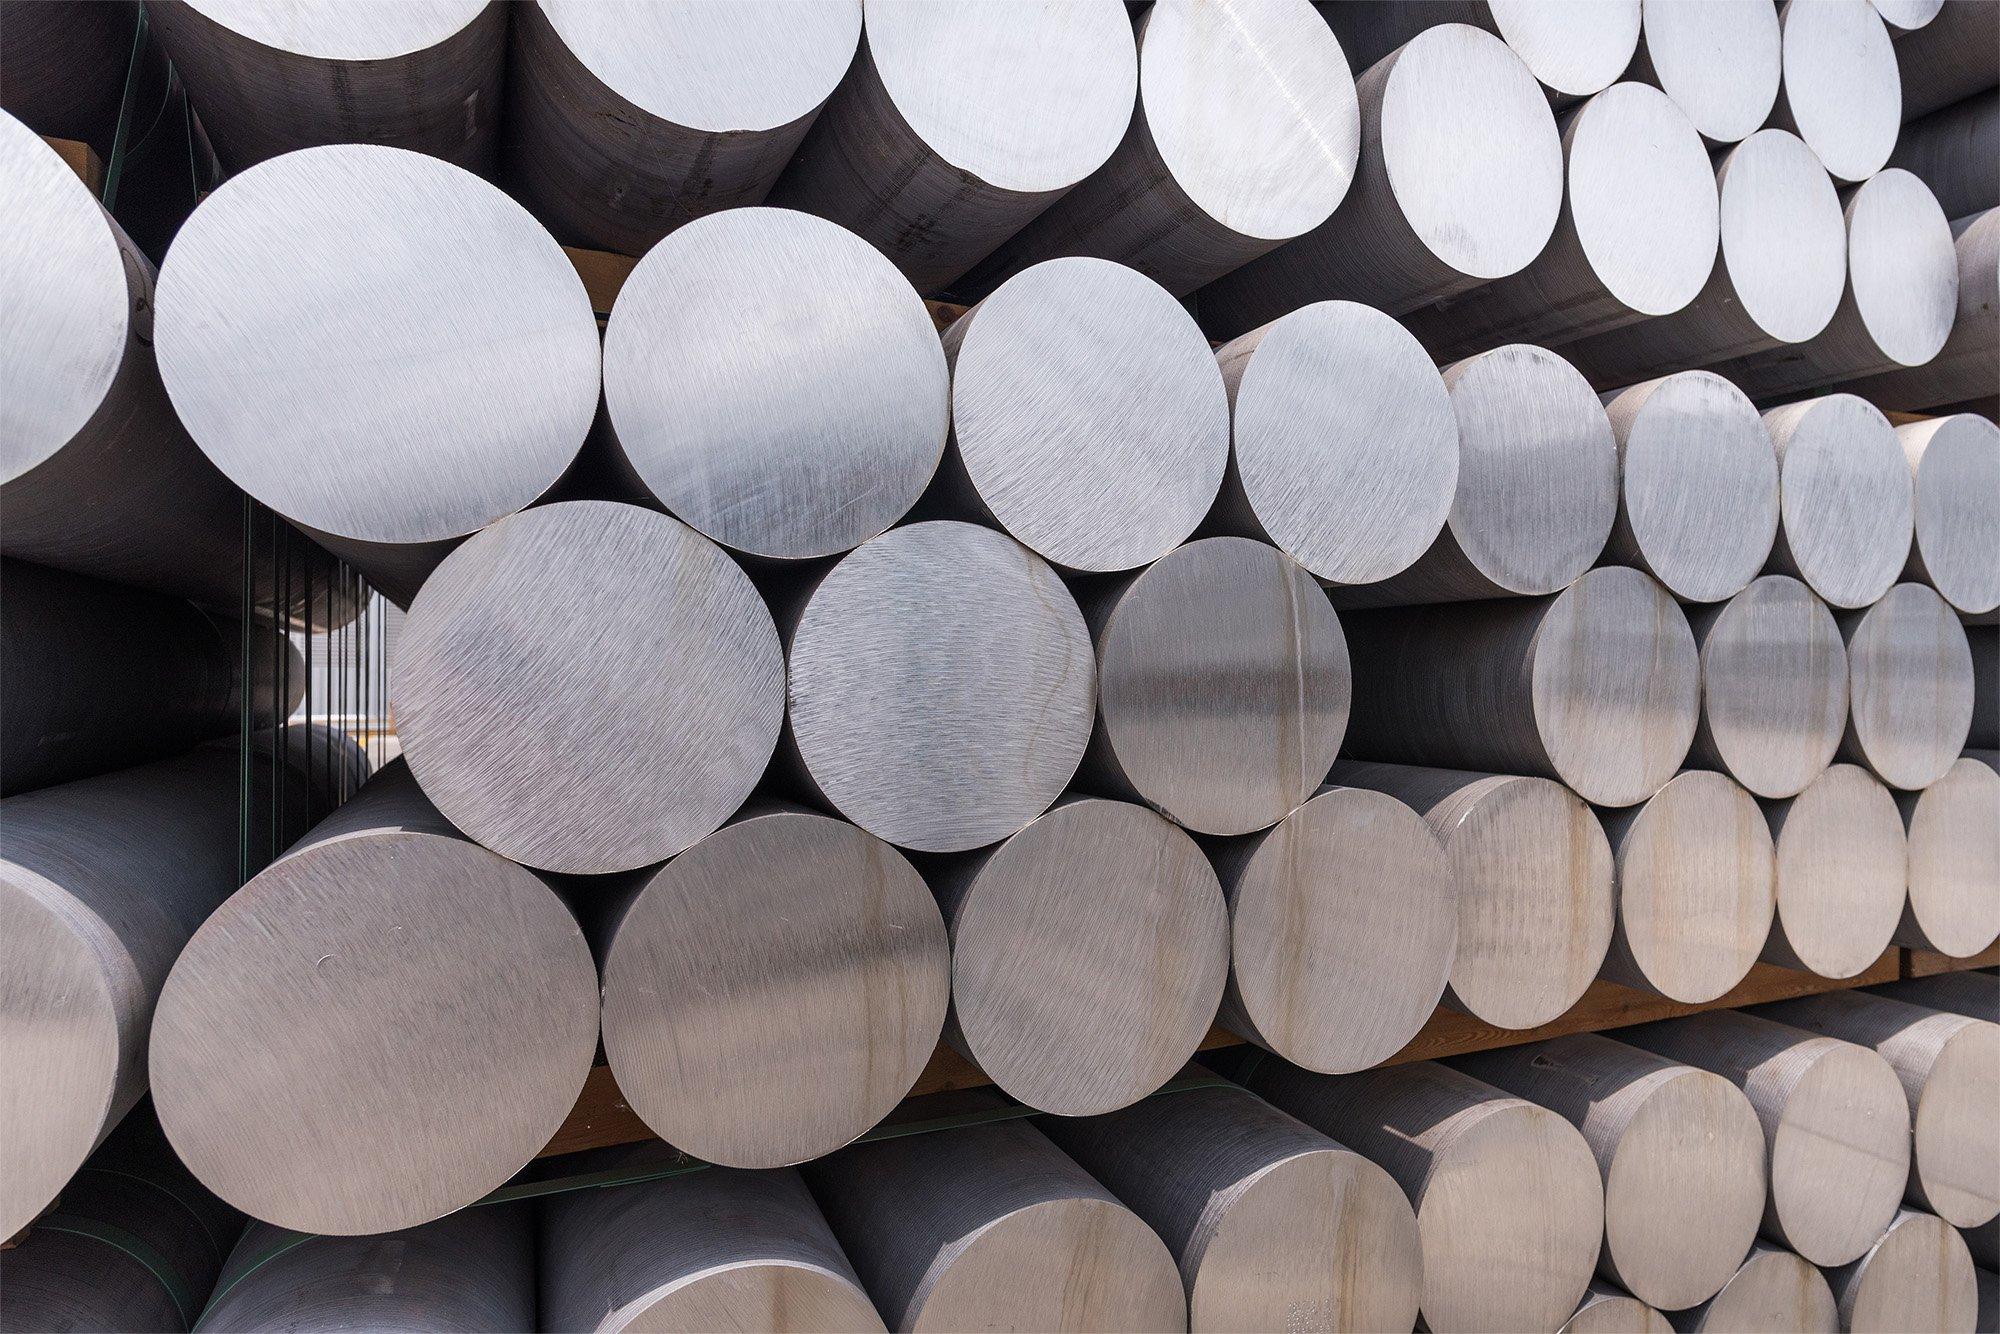 aluminium round bar buy aluminium online. Black Bedroom Furniture Sets. Home Design Ideas